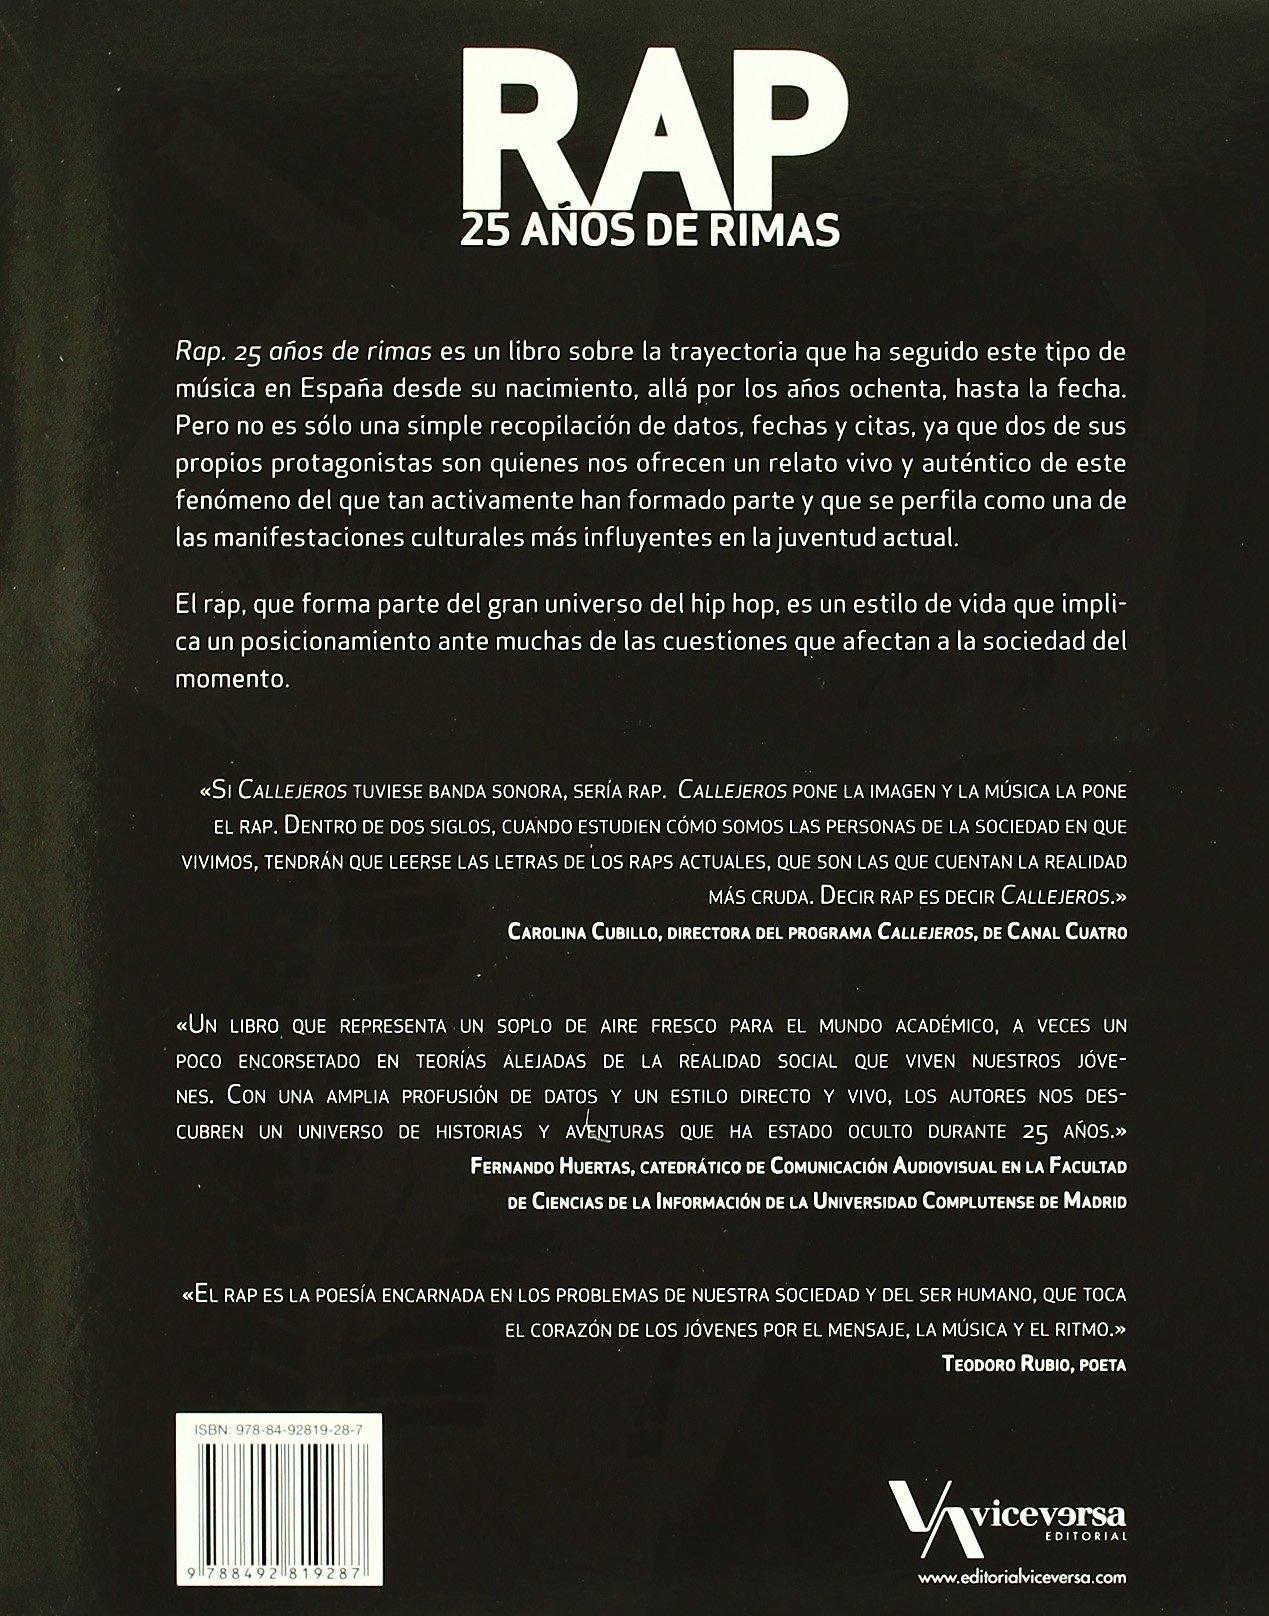 Rap 25 Años De Rimas Viceversa Ayer Y Hoy Amazon Es Reyes Francisco El Chojin Libros